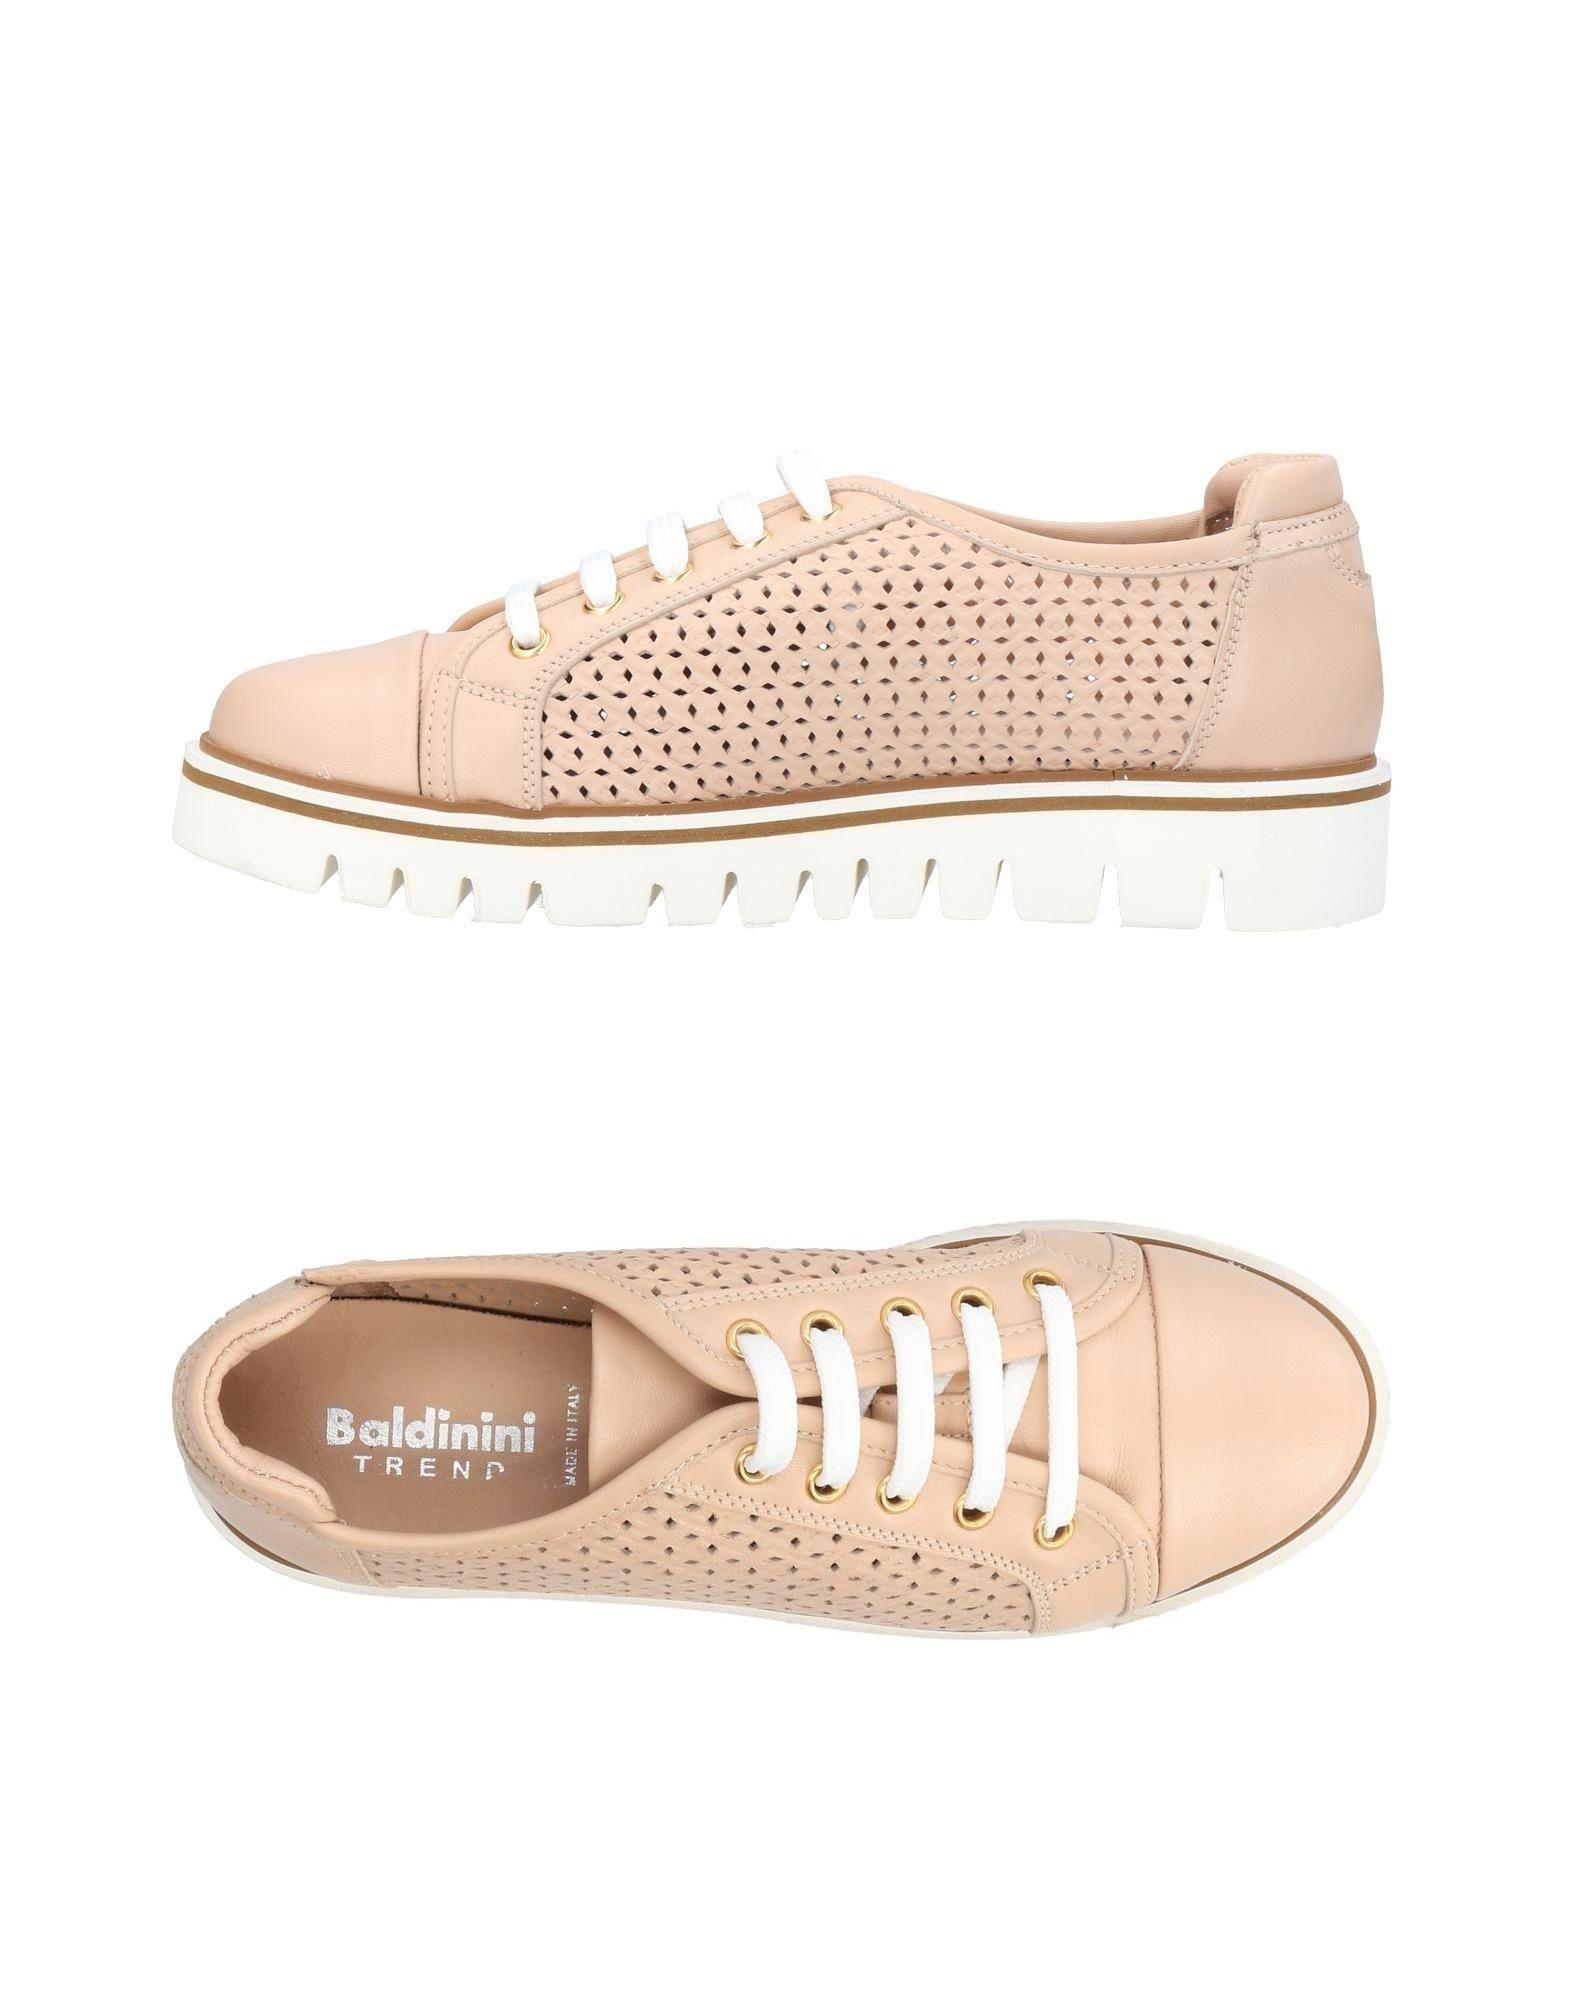 Baldinini Trend Sneakers Damen  11417738AV Neue Neue 11417738AV Schuhe d770b9